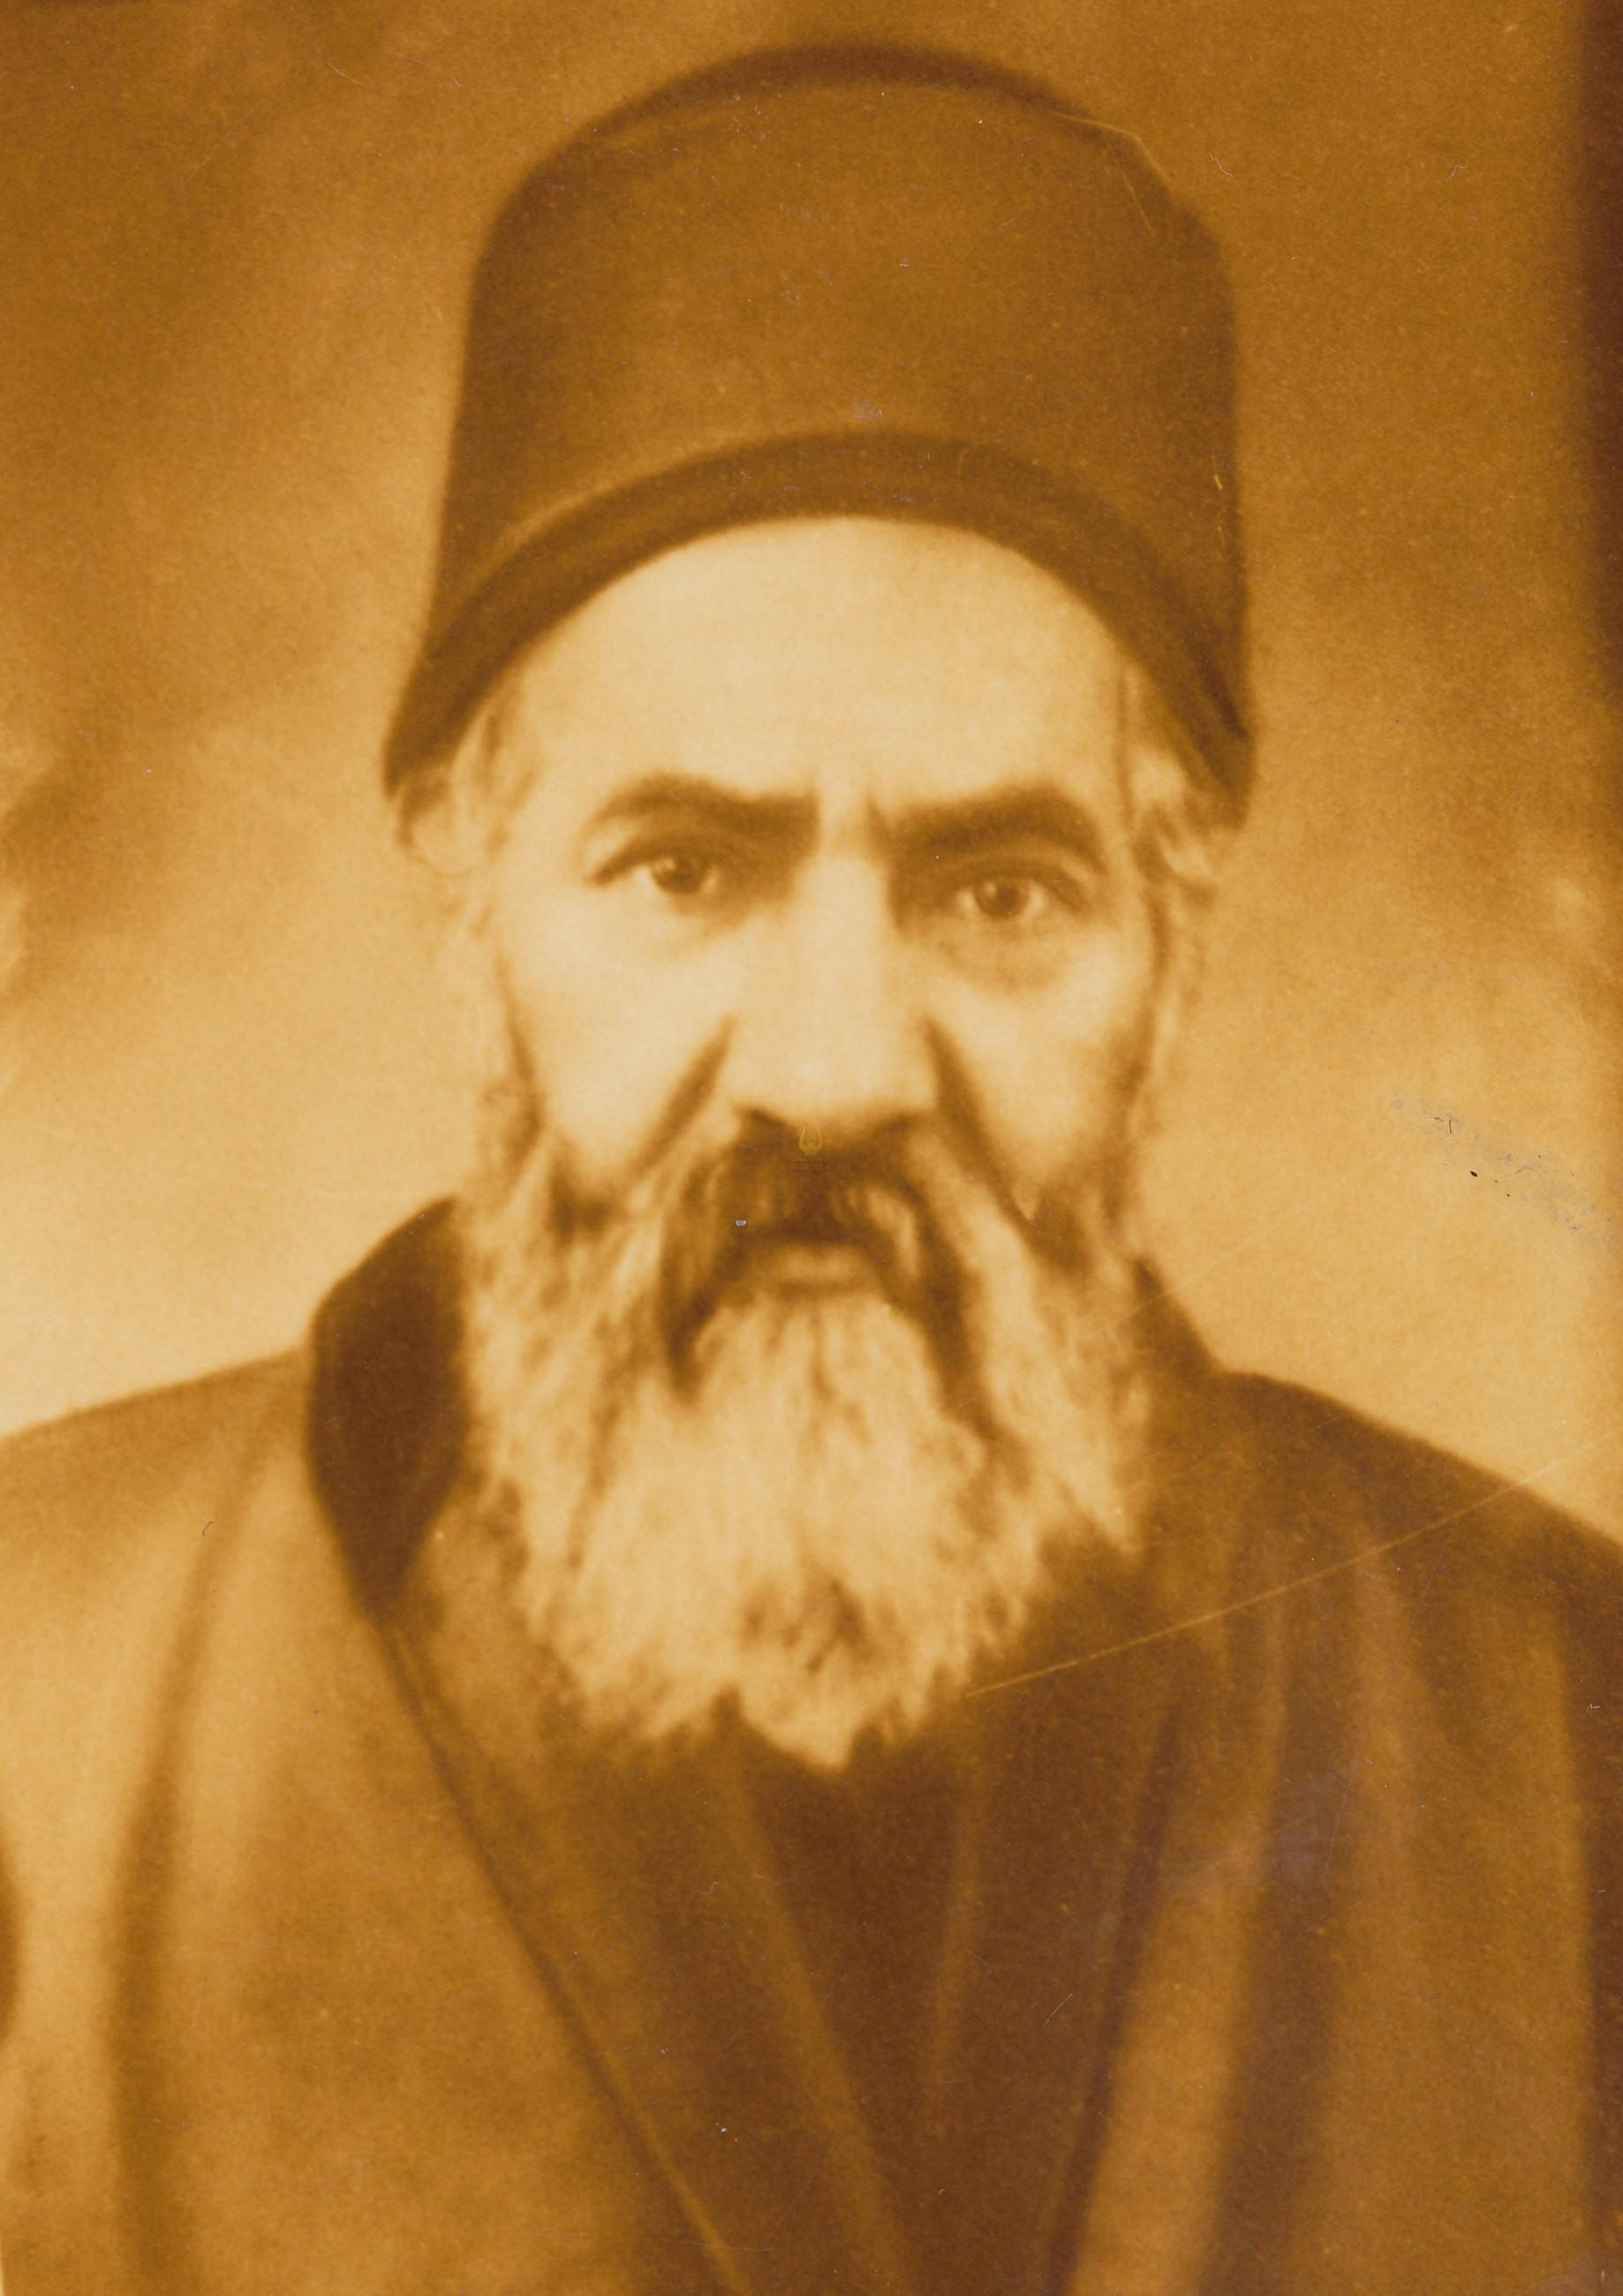 הגאון הרב יעקב חיים סופר הכף החיים